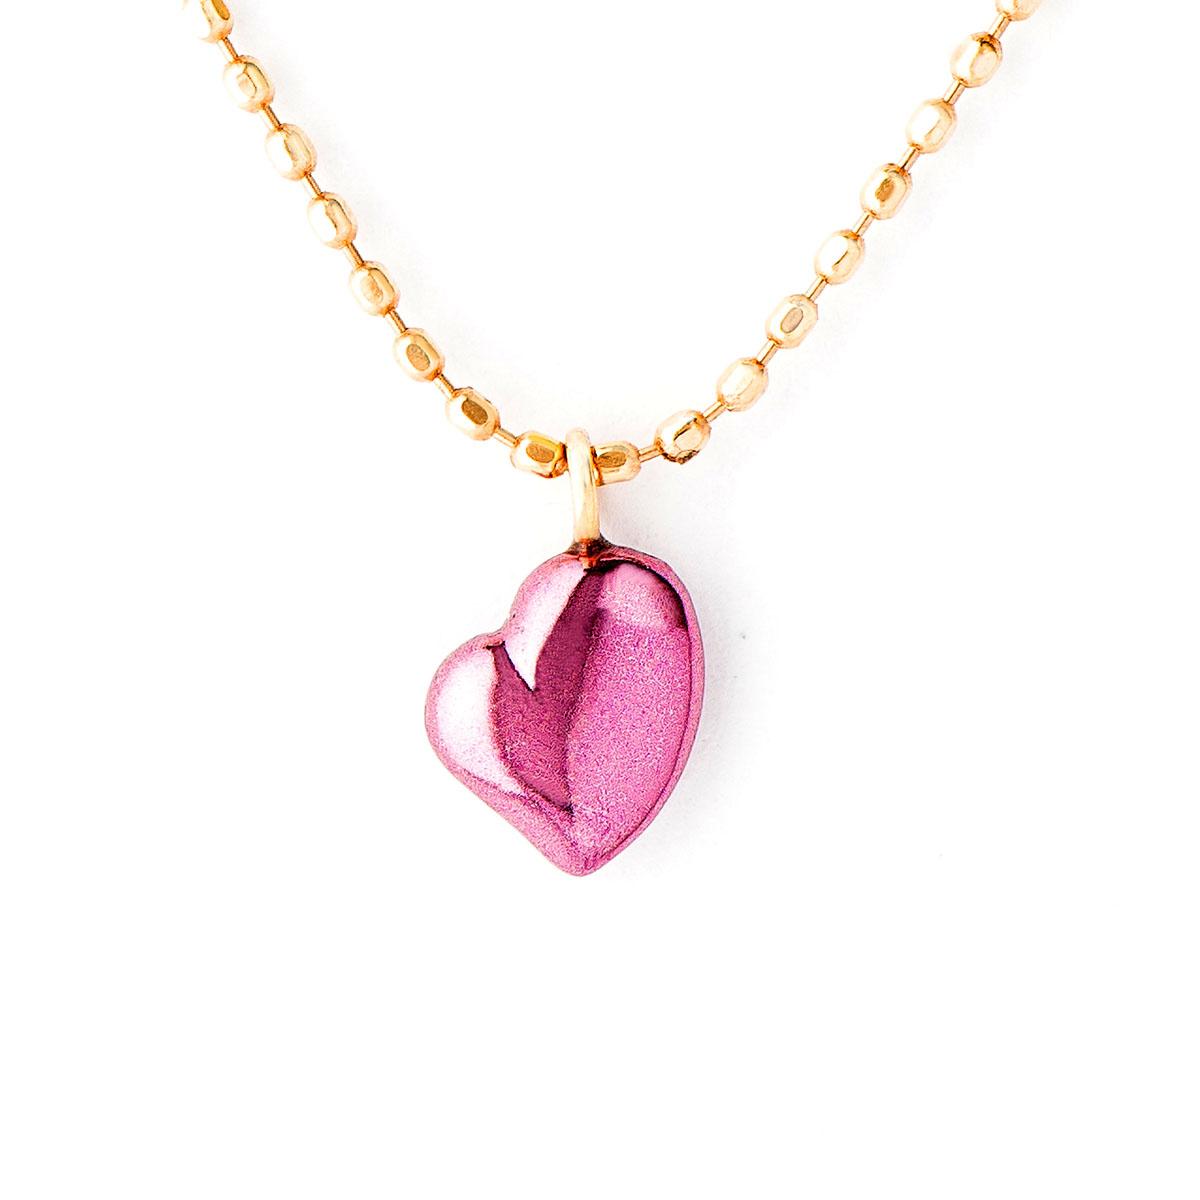 Cierin Cute ペンダントネックレス Loving Heart K18 パープルゴールド (ハート ネックレス PURPLE GOLD ジュエリー プレゼント ギフト)